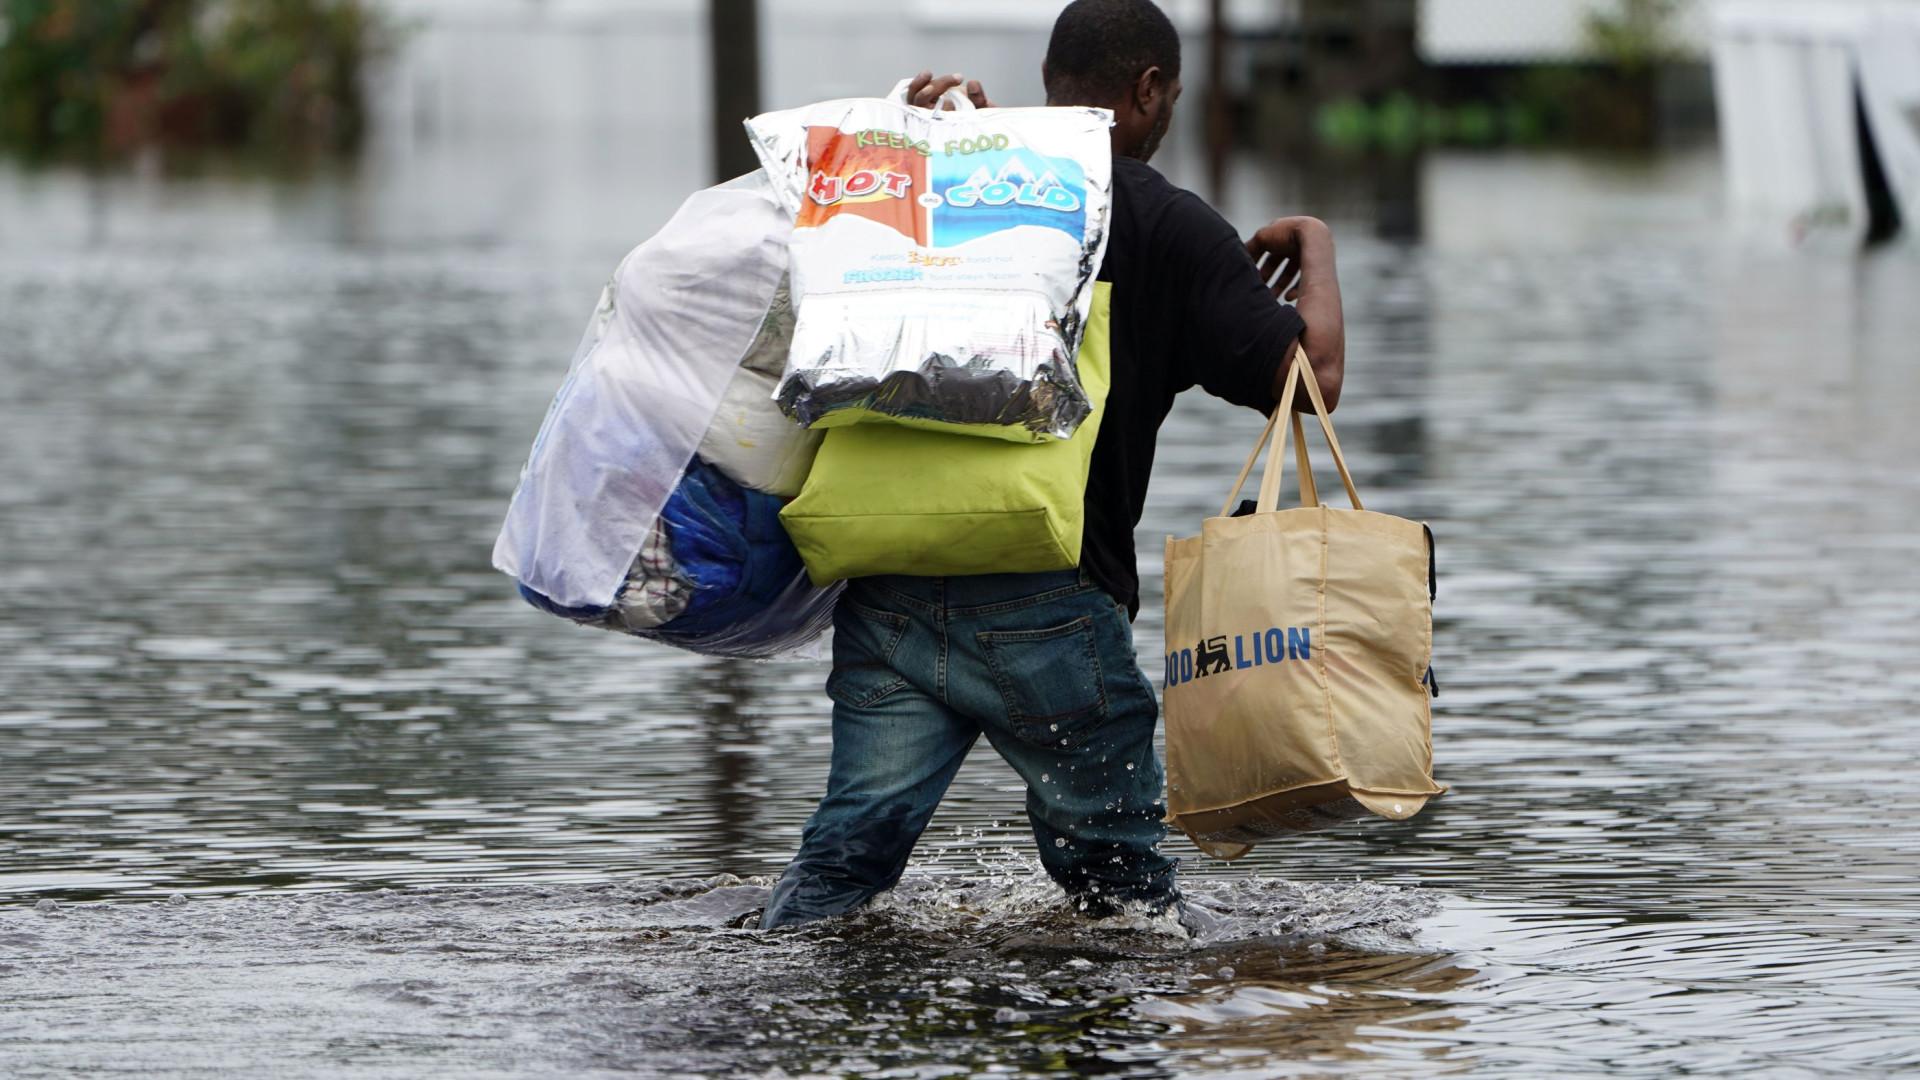 Número de mortos nos EUA devido à tempestade Florence sobe para 14